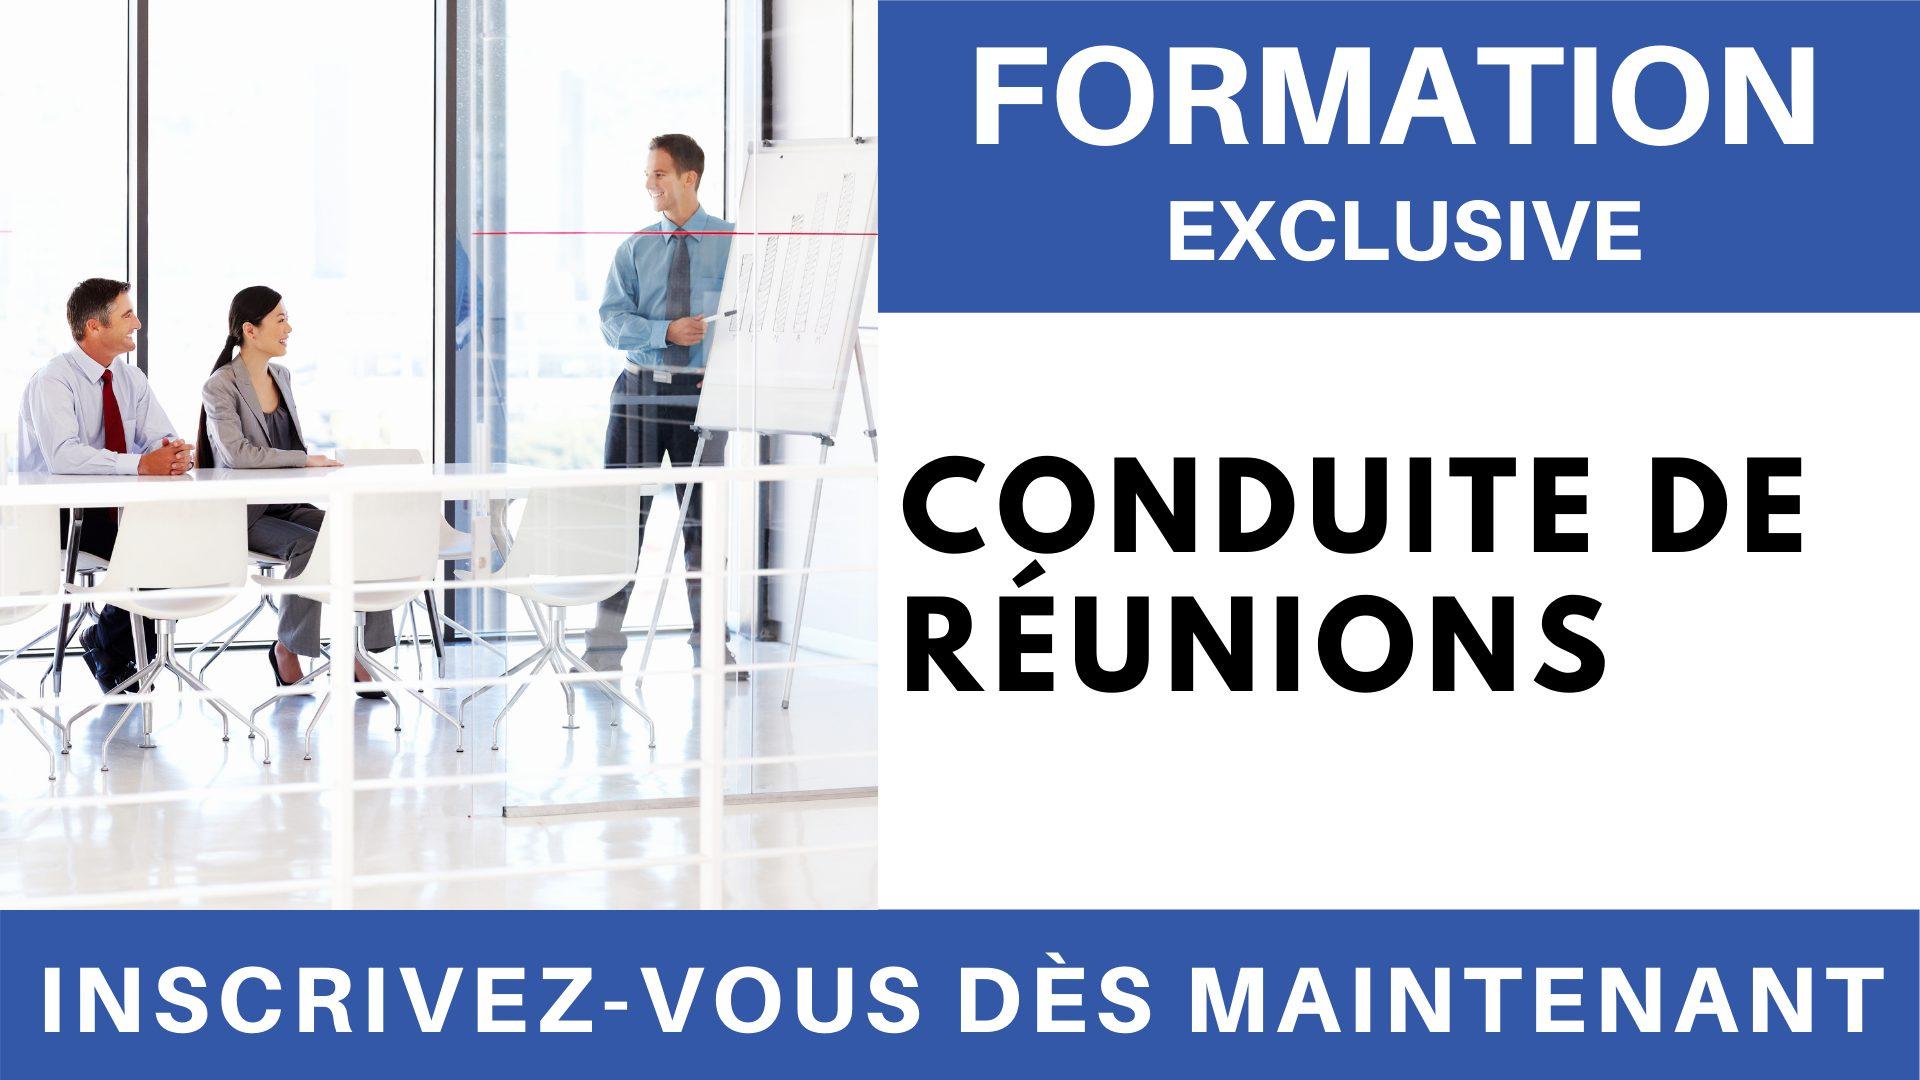 Formation Exclusive - Conduite de réunions